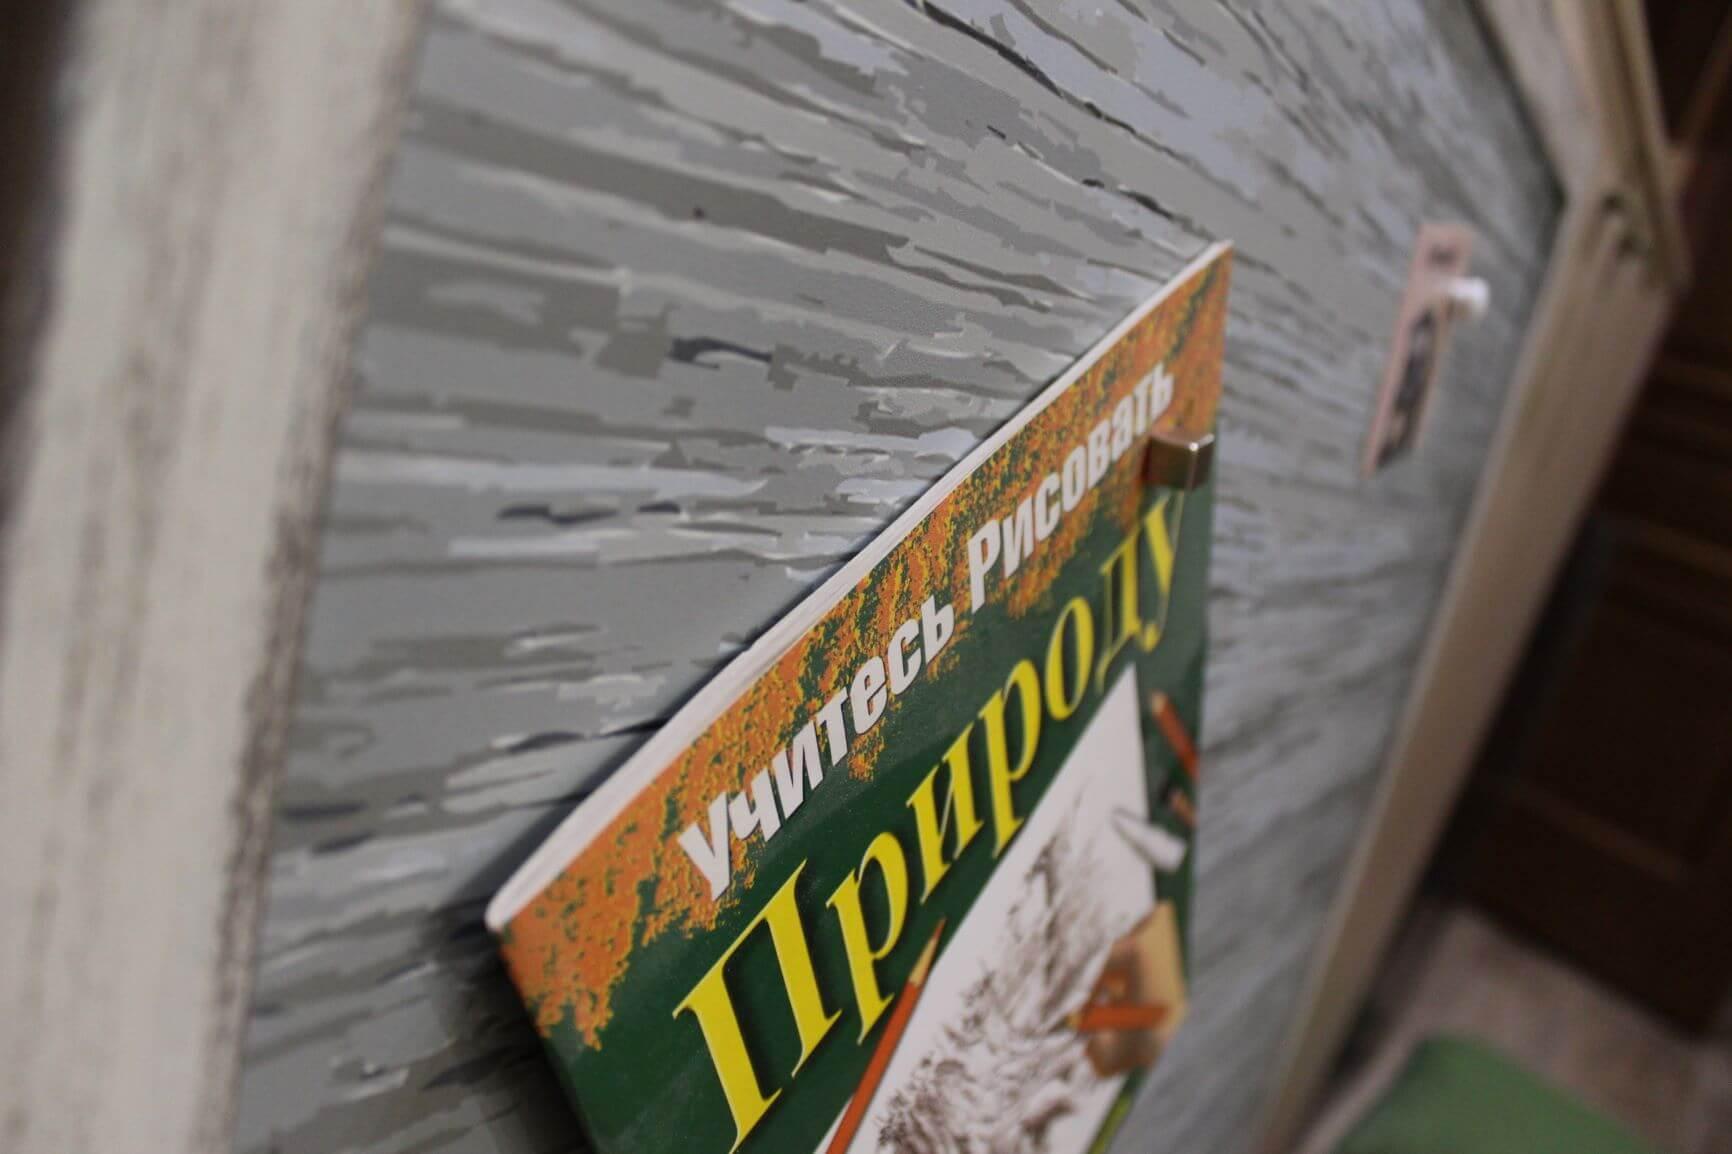 магнитная доска держит тяжелые магниты и журналы